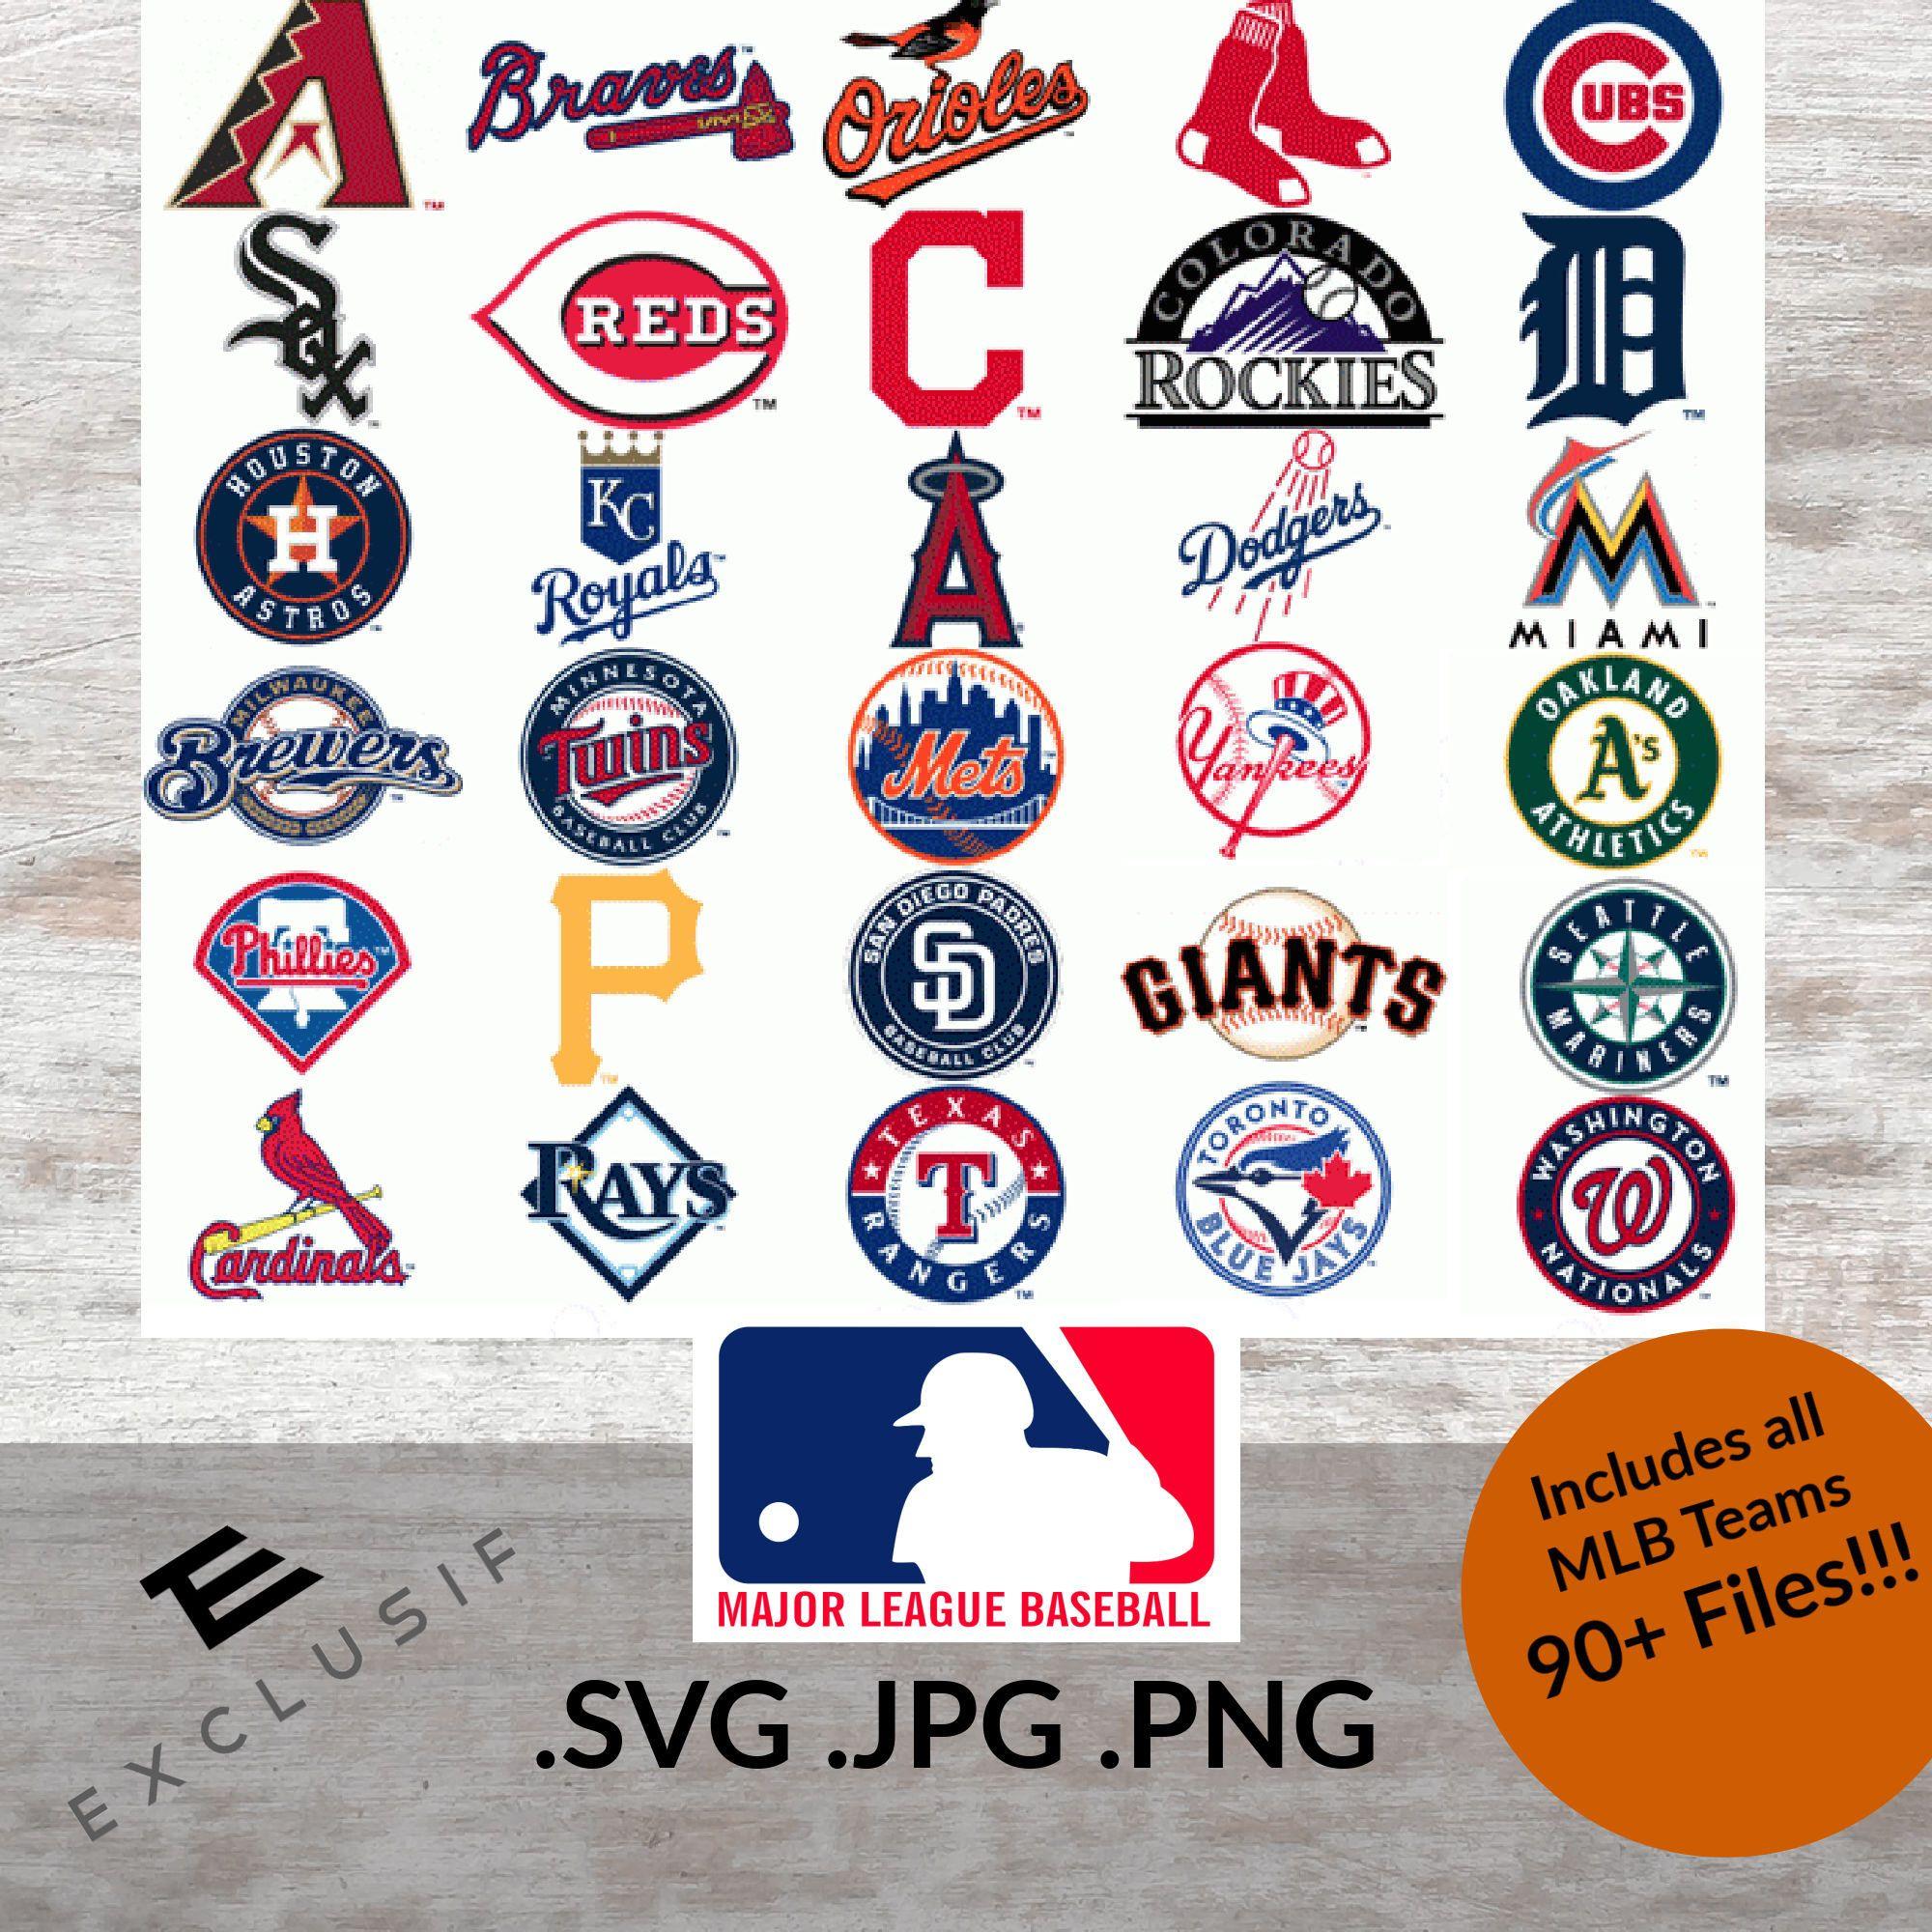 Mlb Inspired Team Logos Svg Jpg Png Baseball Mlb Vector Mlb Png Mlb Clip Art Mlb Digital Files Mlb Cricut Fil In 2020 Mlb Team Logos Mlb Teams Mlb Logos